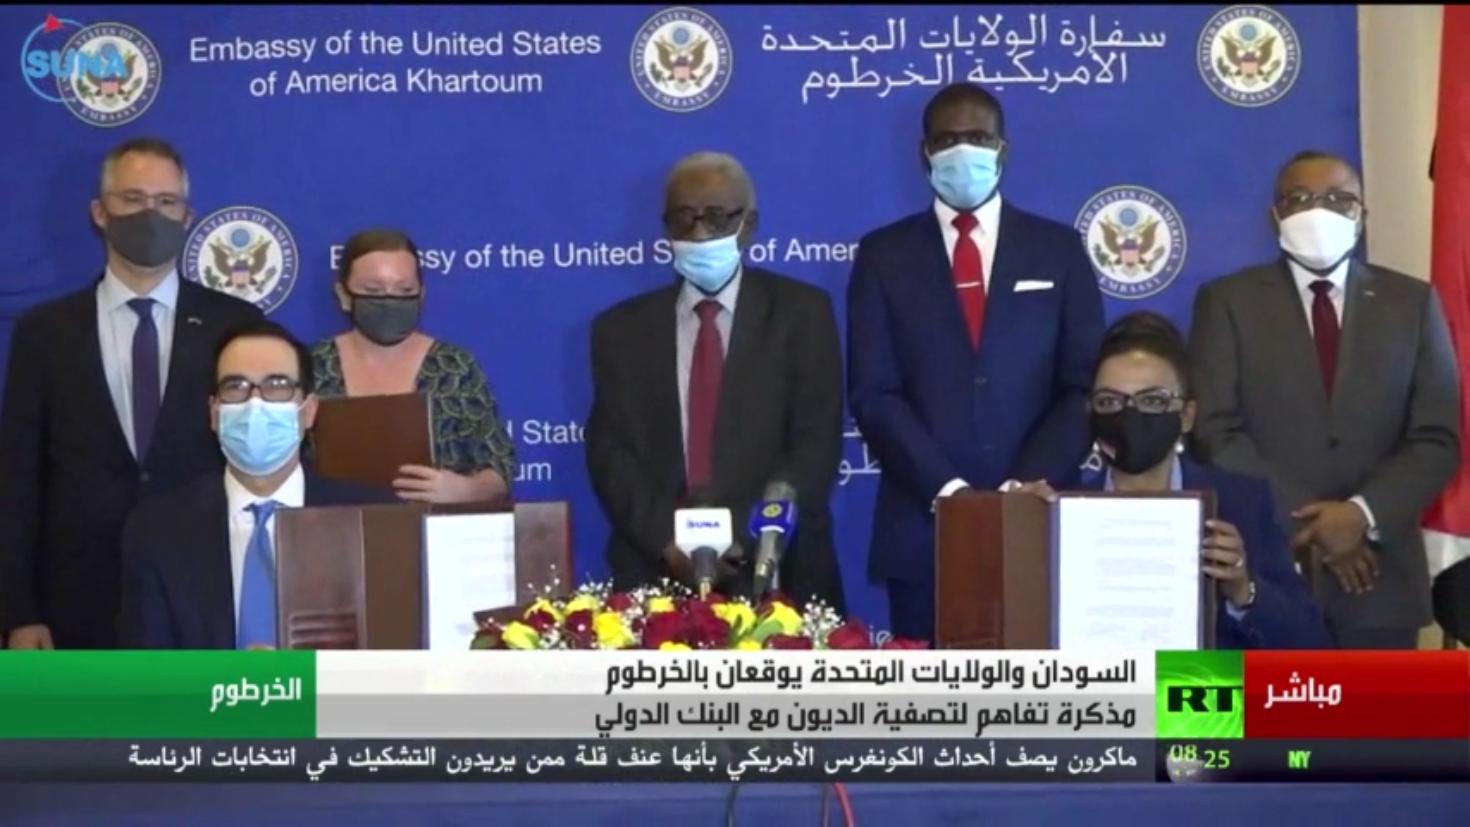 تفاهم سوداني أمريكي لتصفية ديون الخرطوم